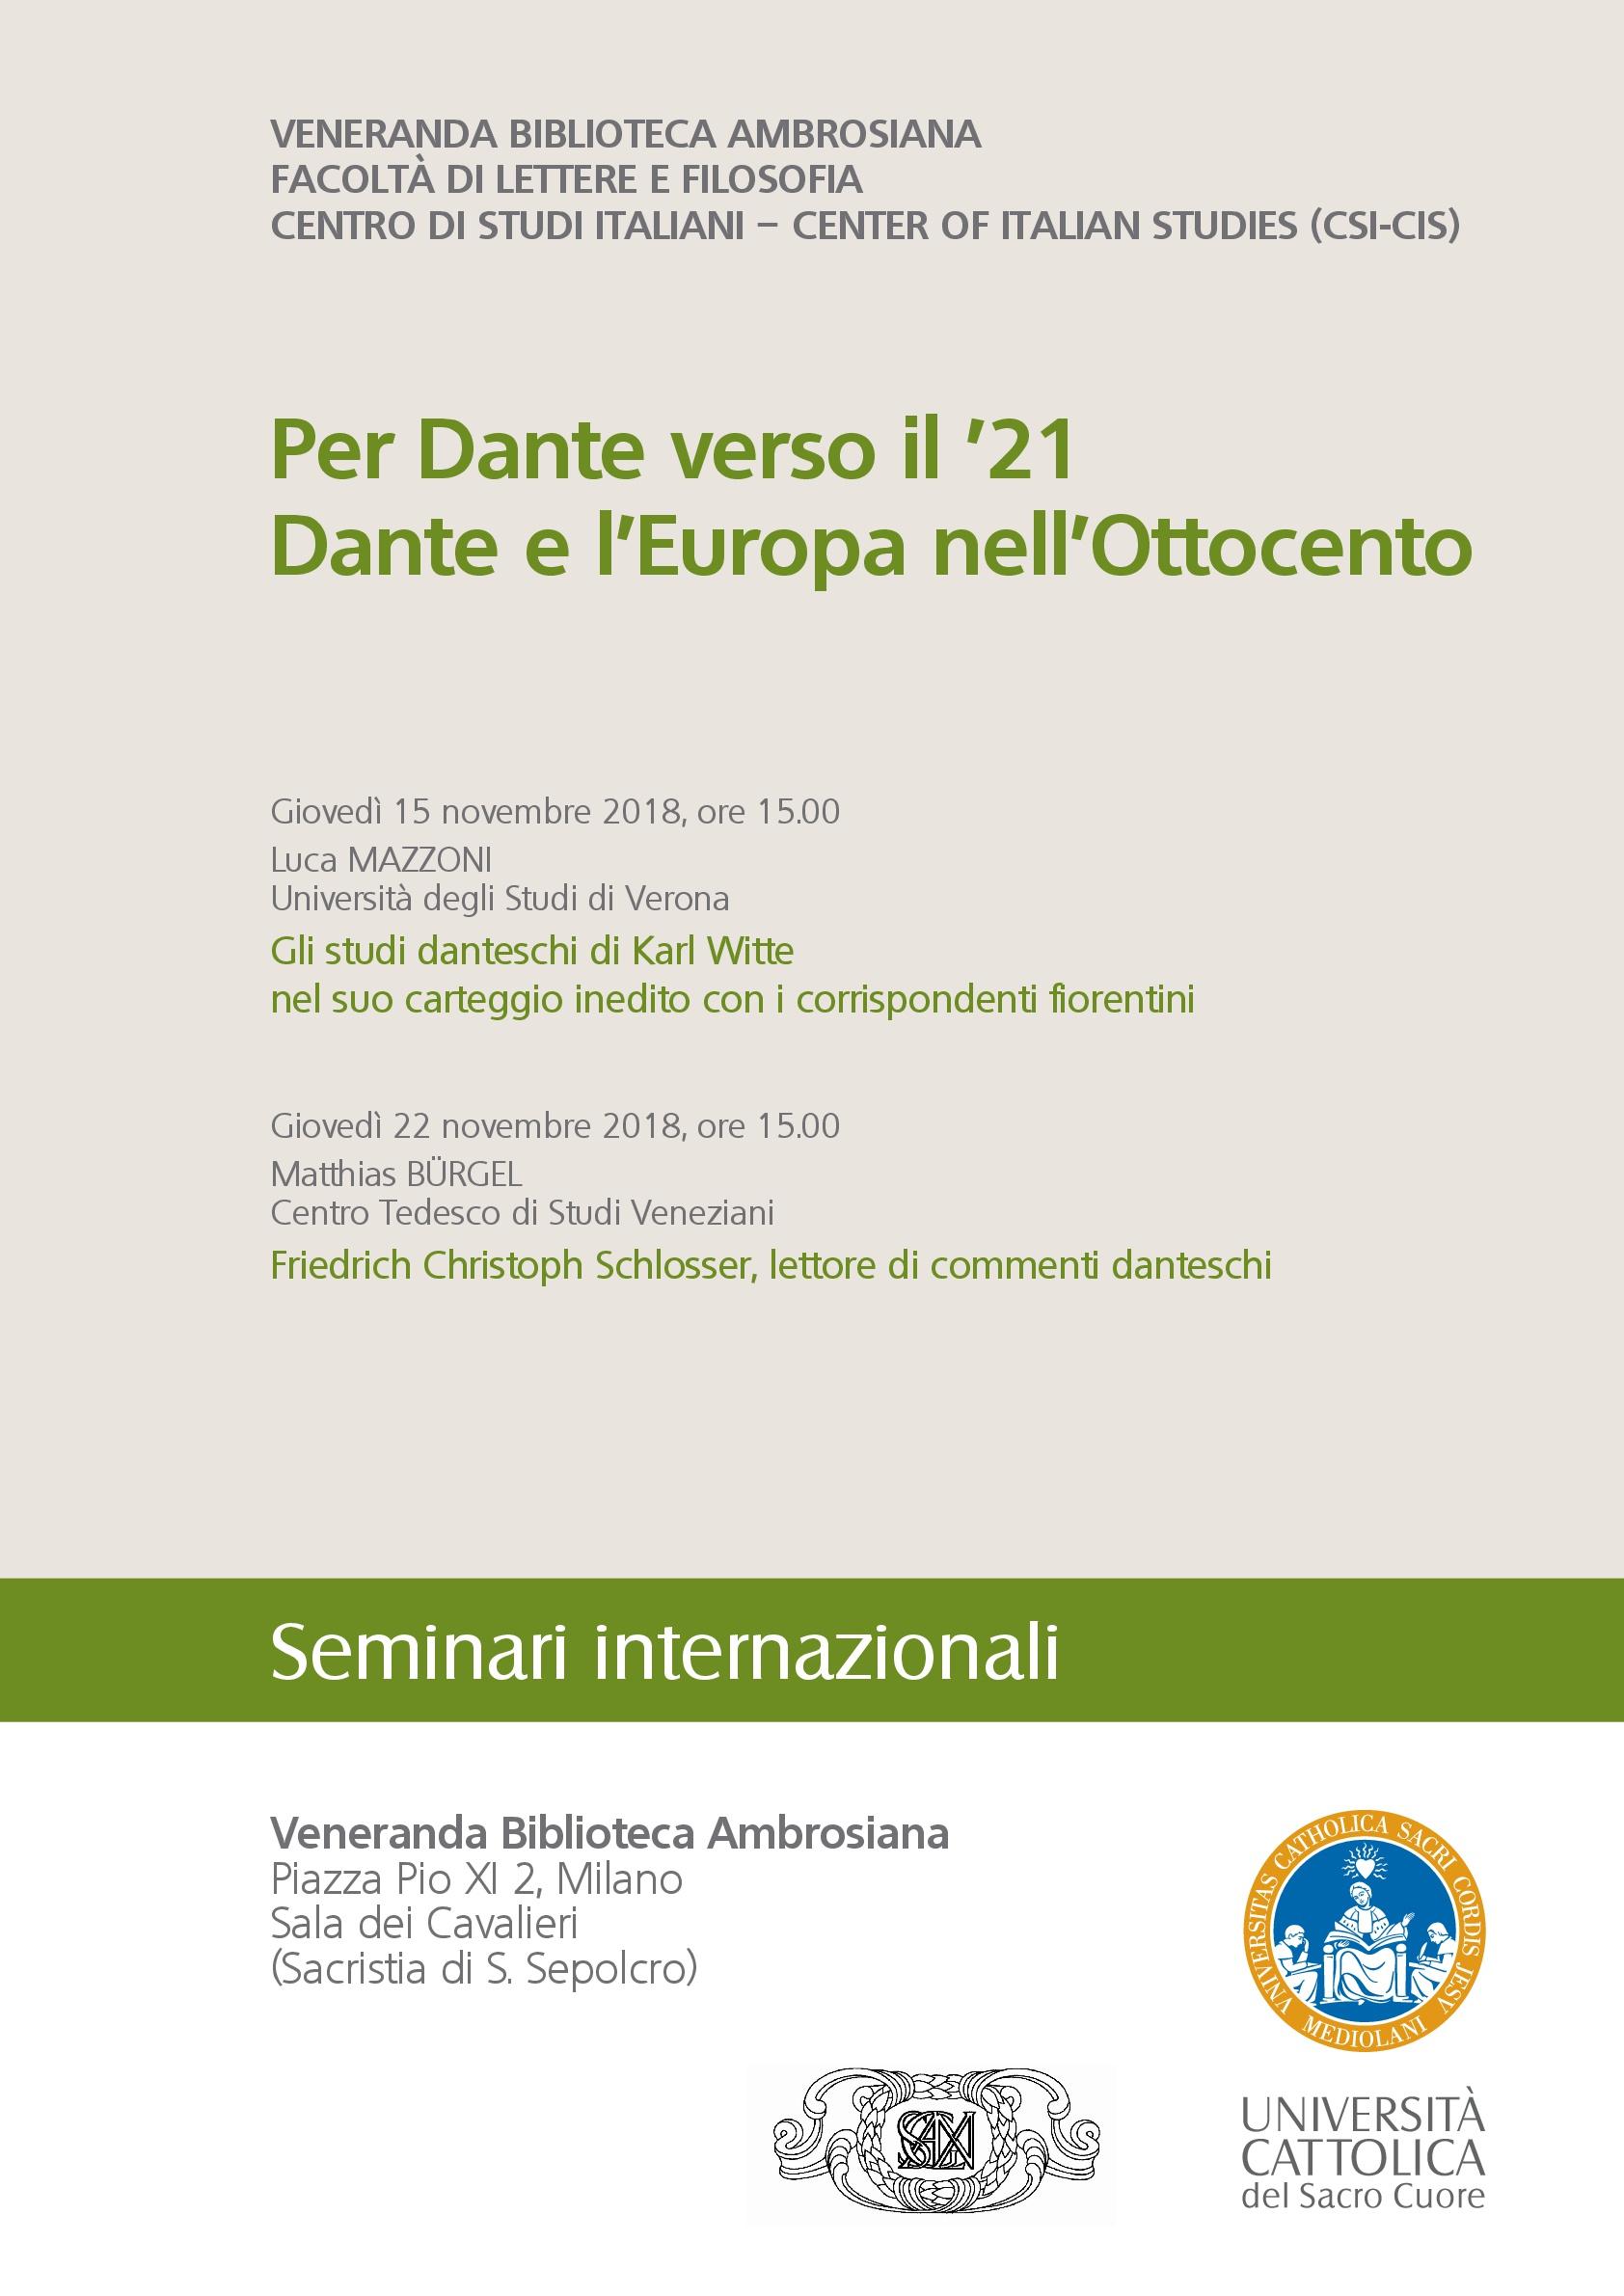 Dante e l'Europa nell'Ottocento_Seminari internazionali_Autunno 2018-001